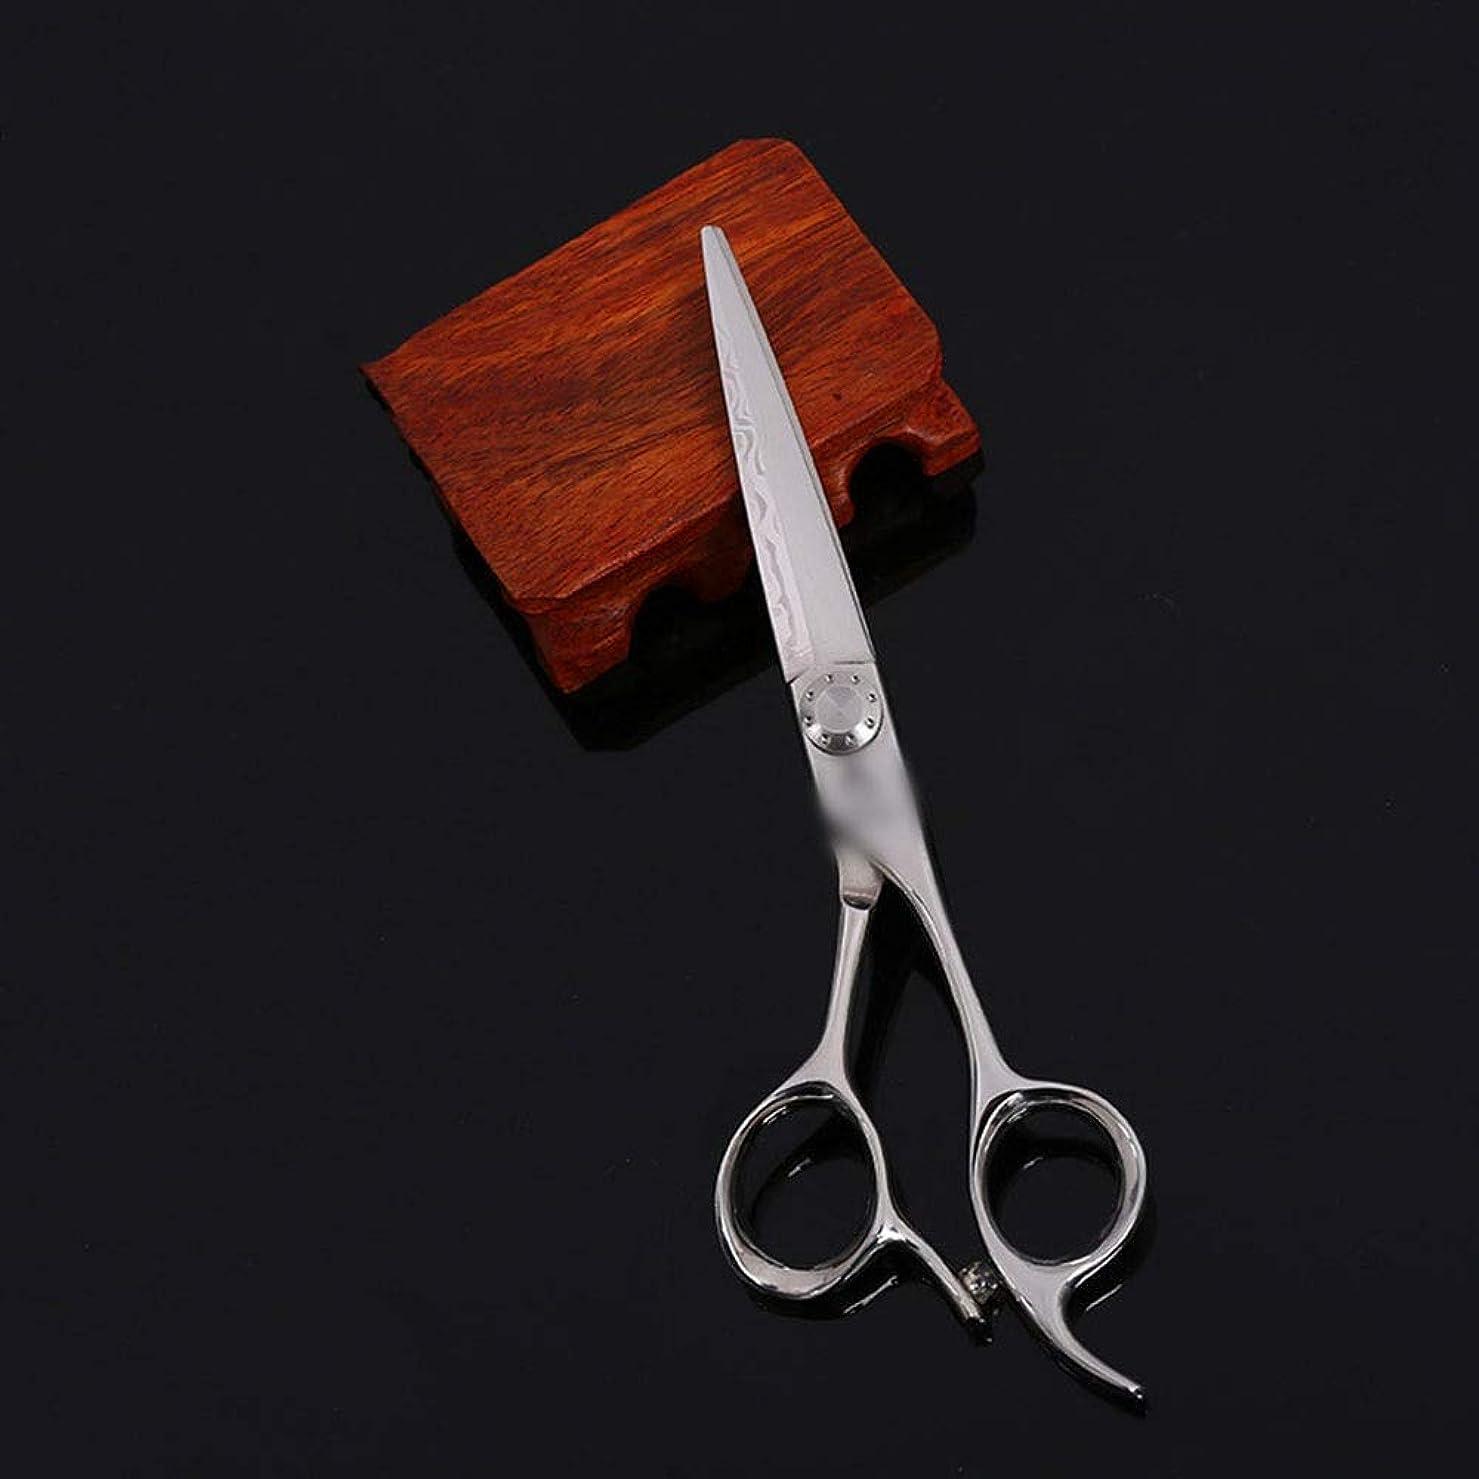 早く順応性のあるパンサー6インチ美容院プロフェッショナルハイエンド理髪はさみ、柳はさみフラットはさみ+歯はさみ モデリングツール (色 : Silver)